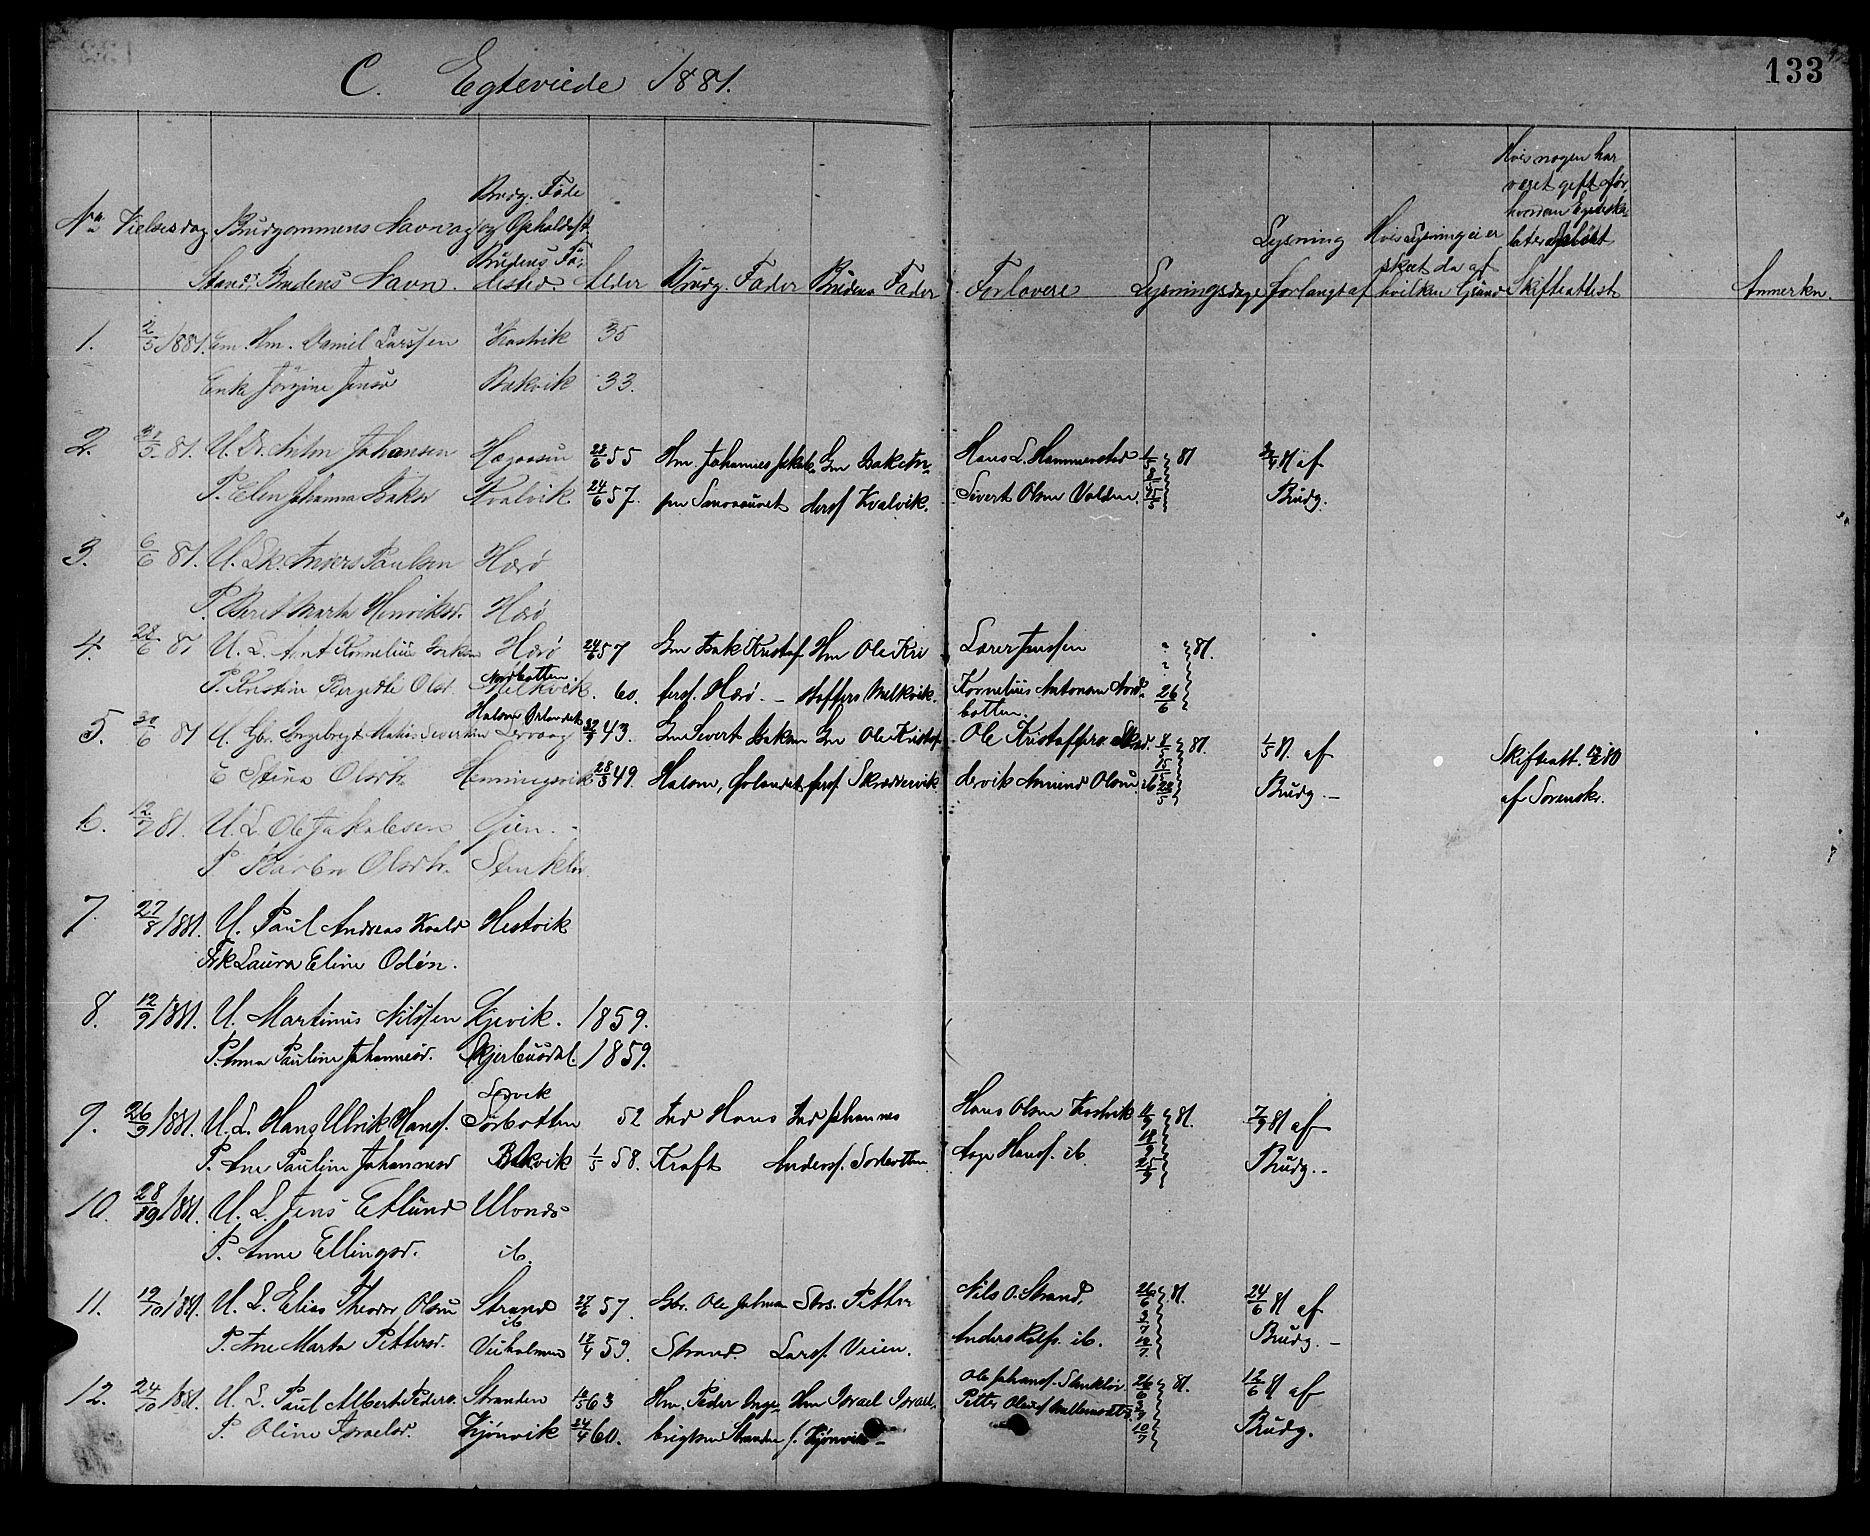 SAT, Ministerialprotokoller, klokkerbøker og fødselsregistre - Sør-Trøndelag, 637/L0561: Klokkerbok nr. 637C02, 1873-1882, s. 133